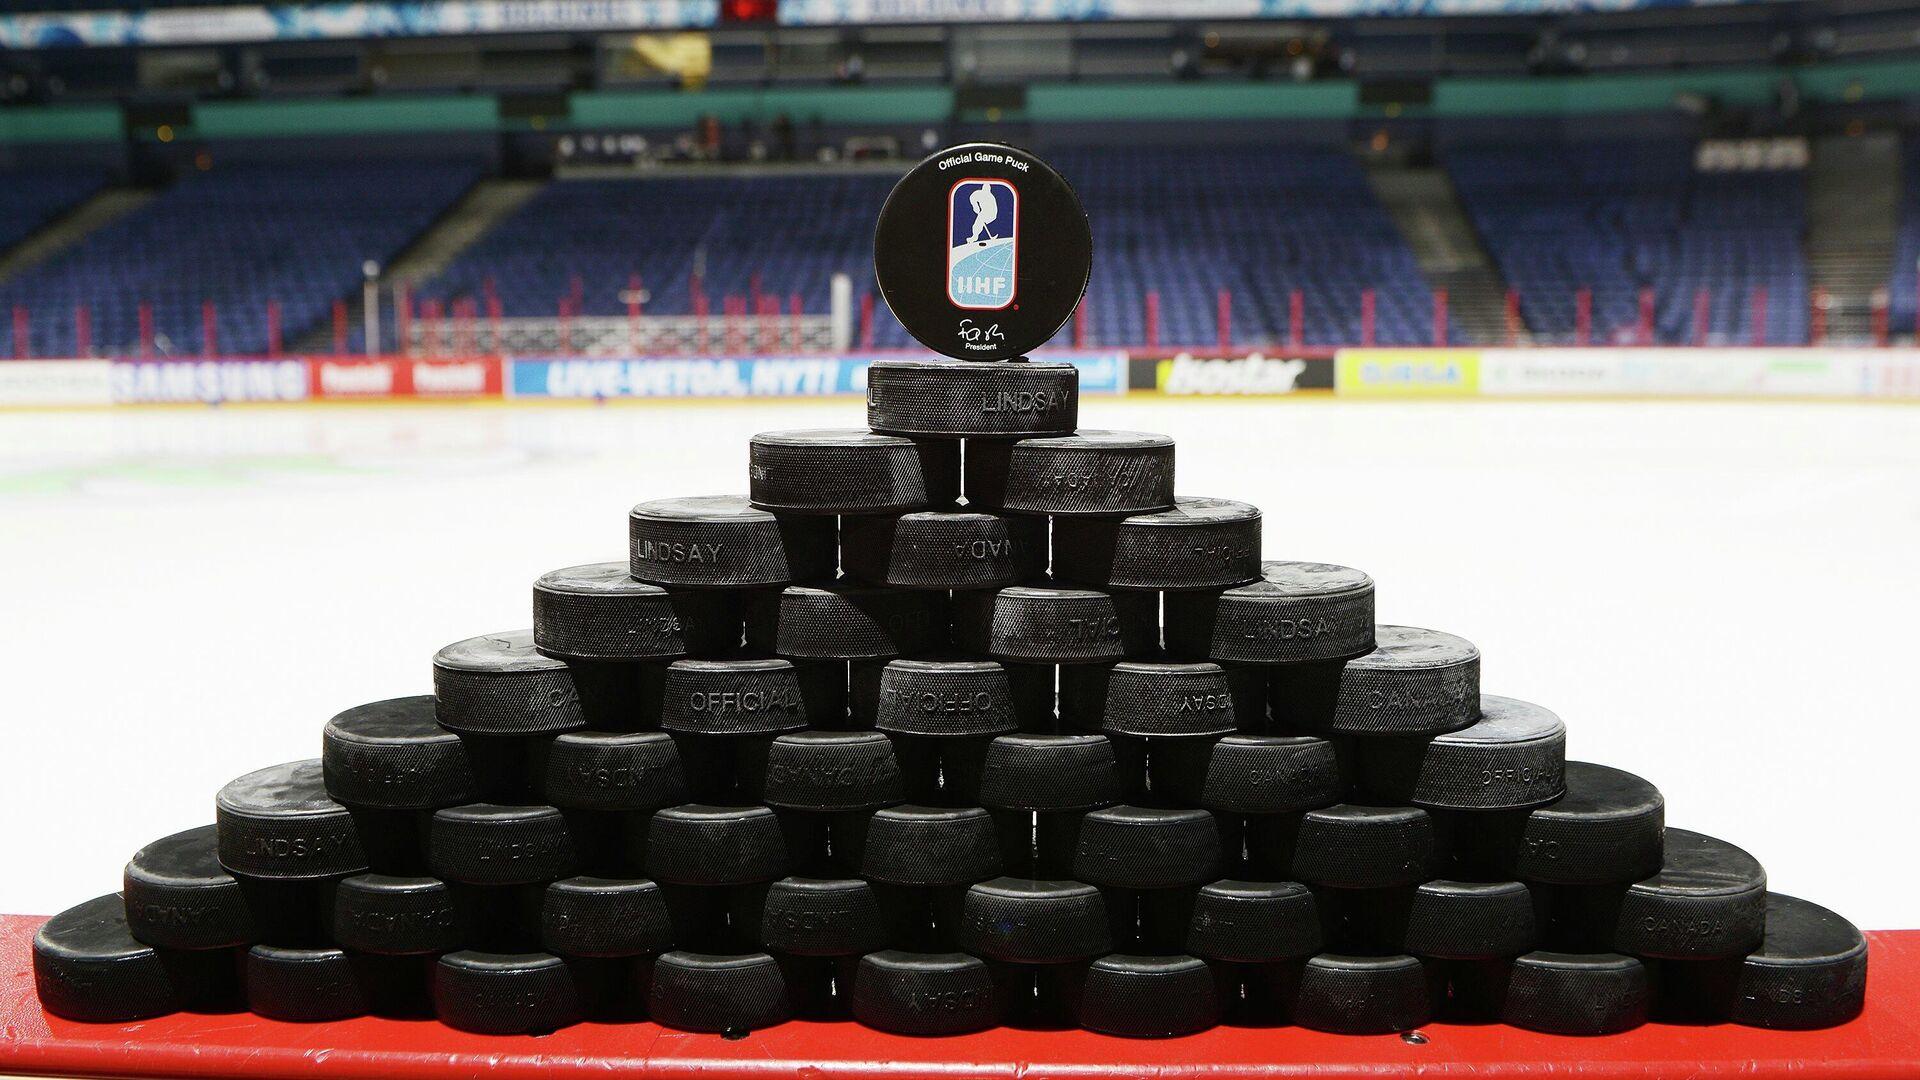 Шайба с логотипом Международной федерации хоккея (IIHF) - РИА Новости, 1920, 04.03.2021